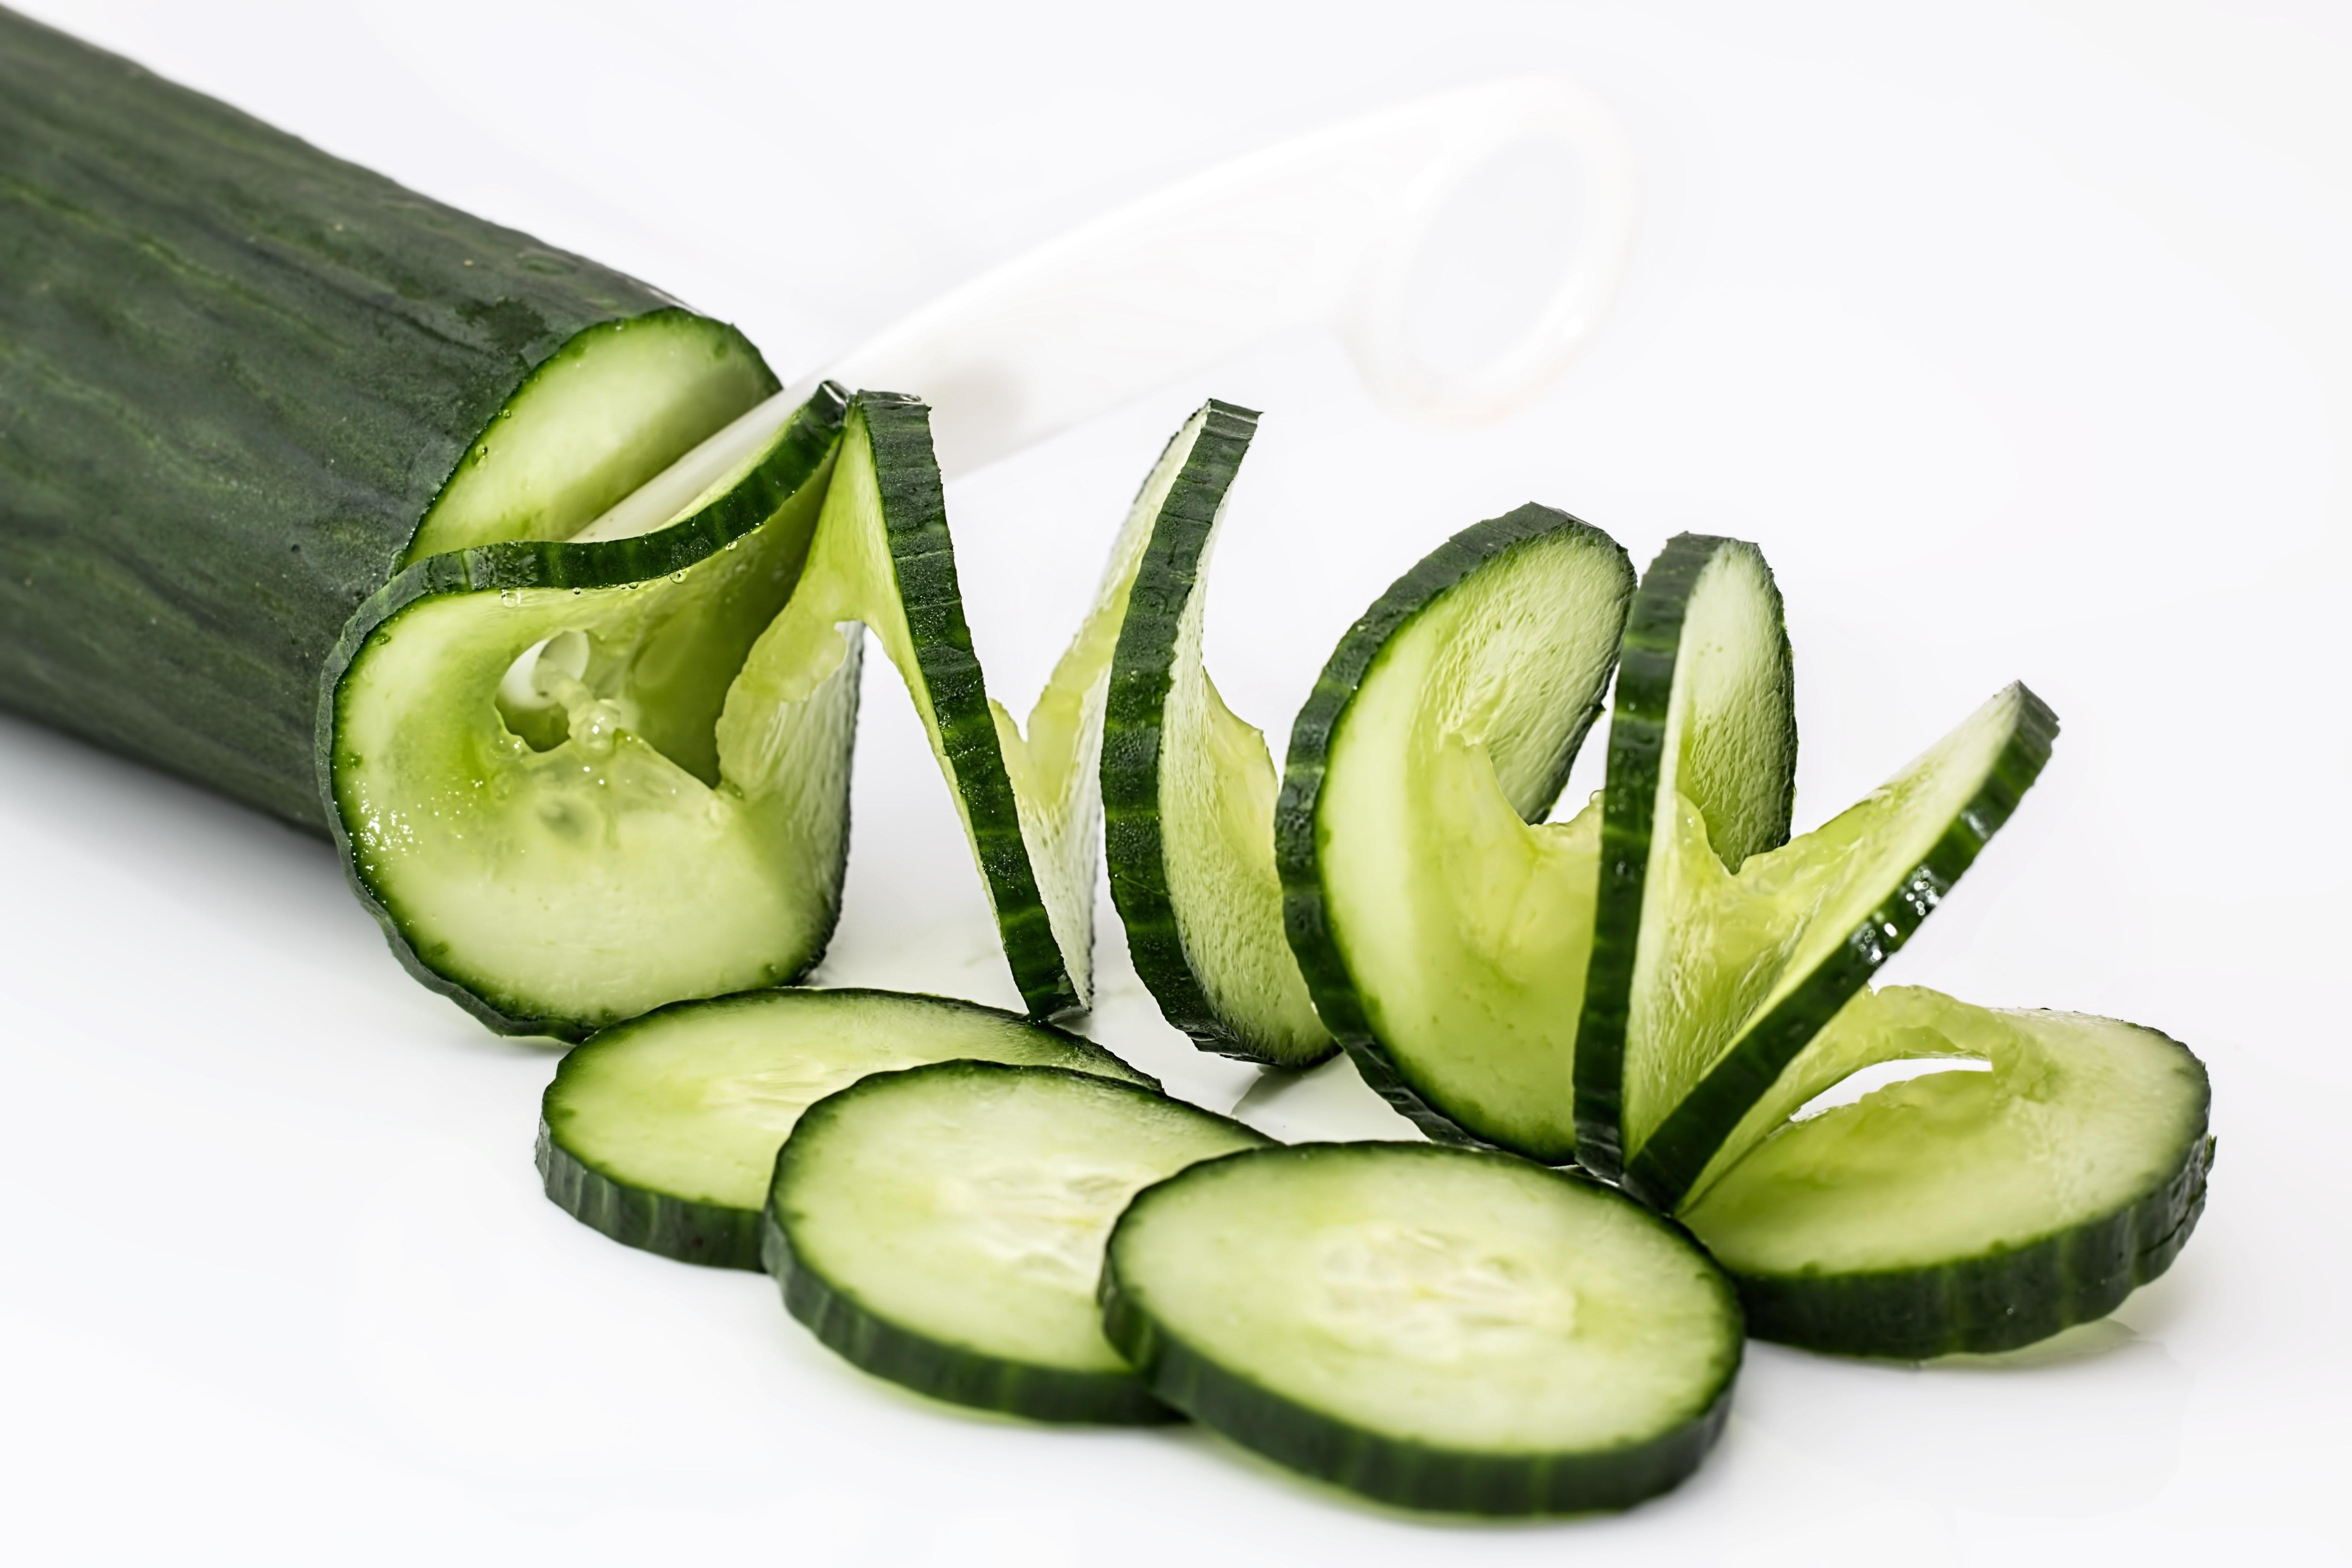 cucumber-food-fresh-37528